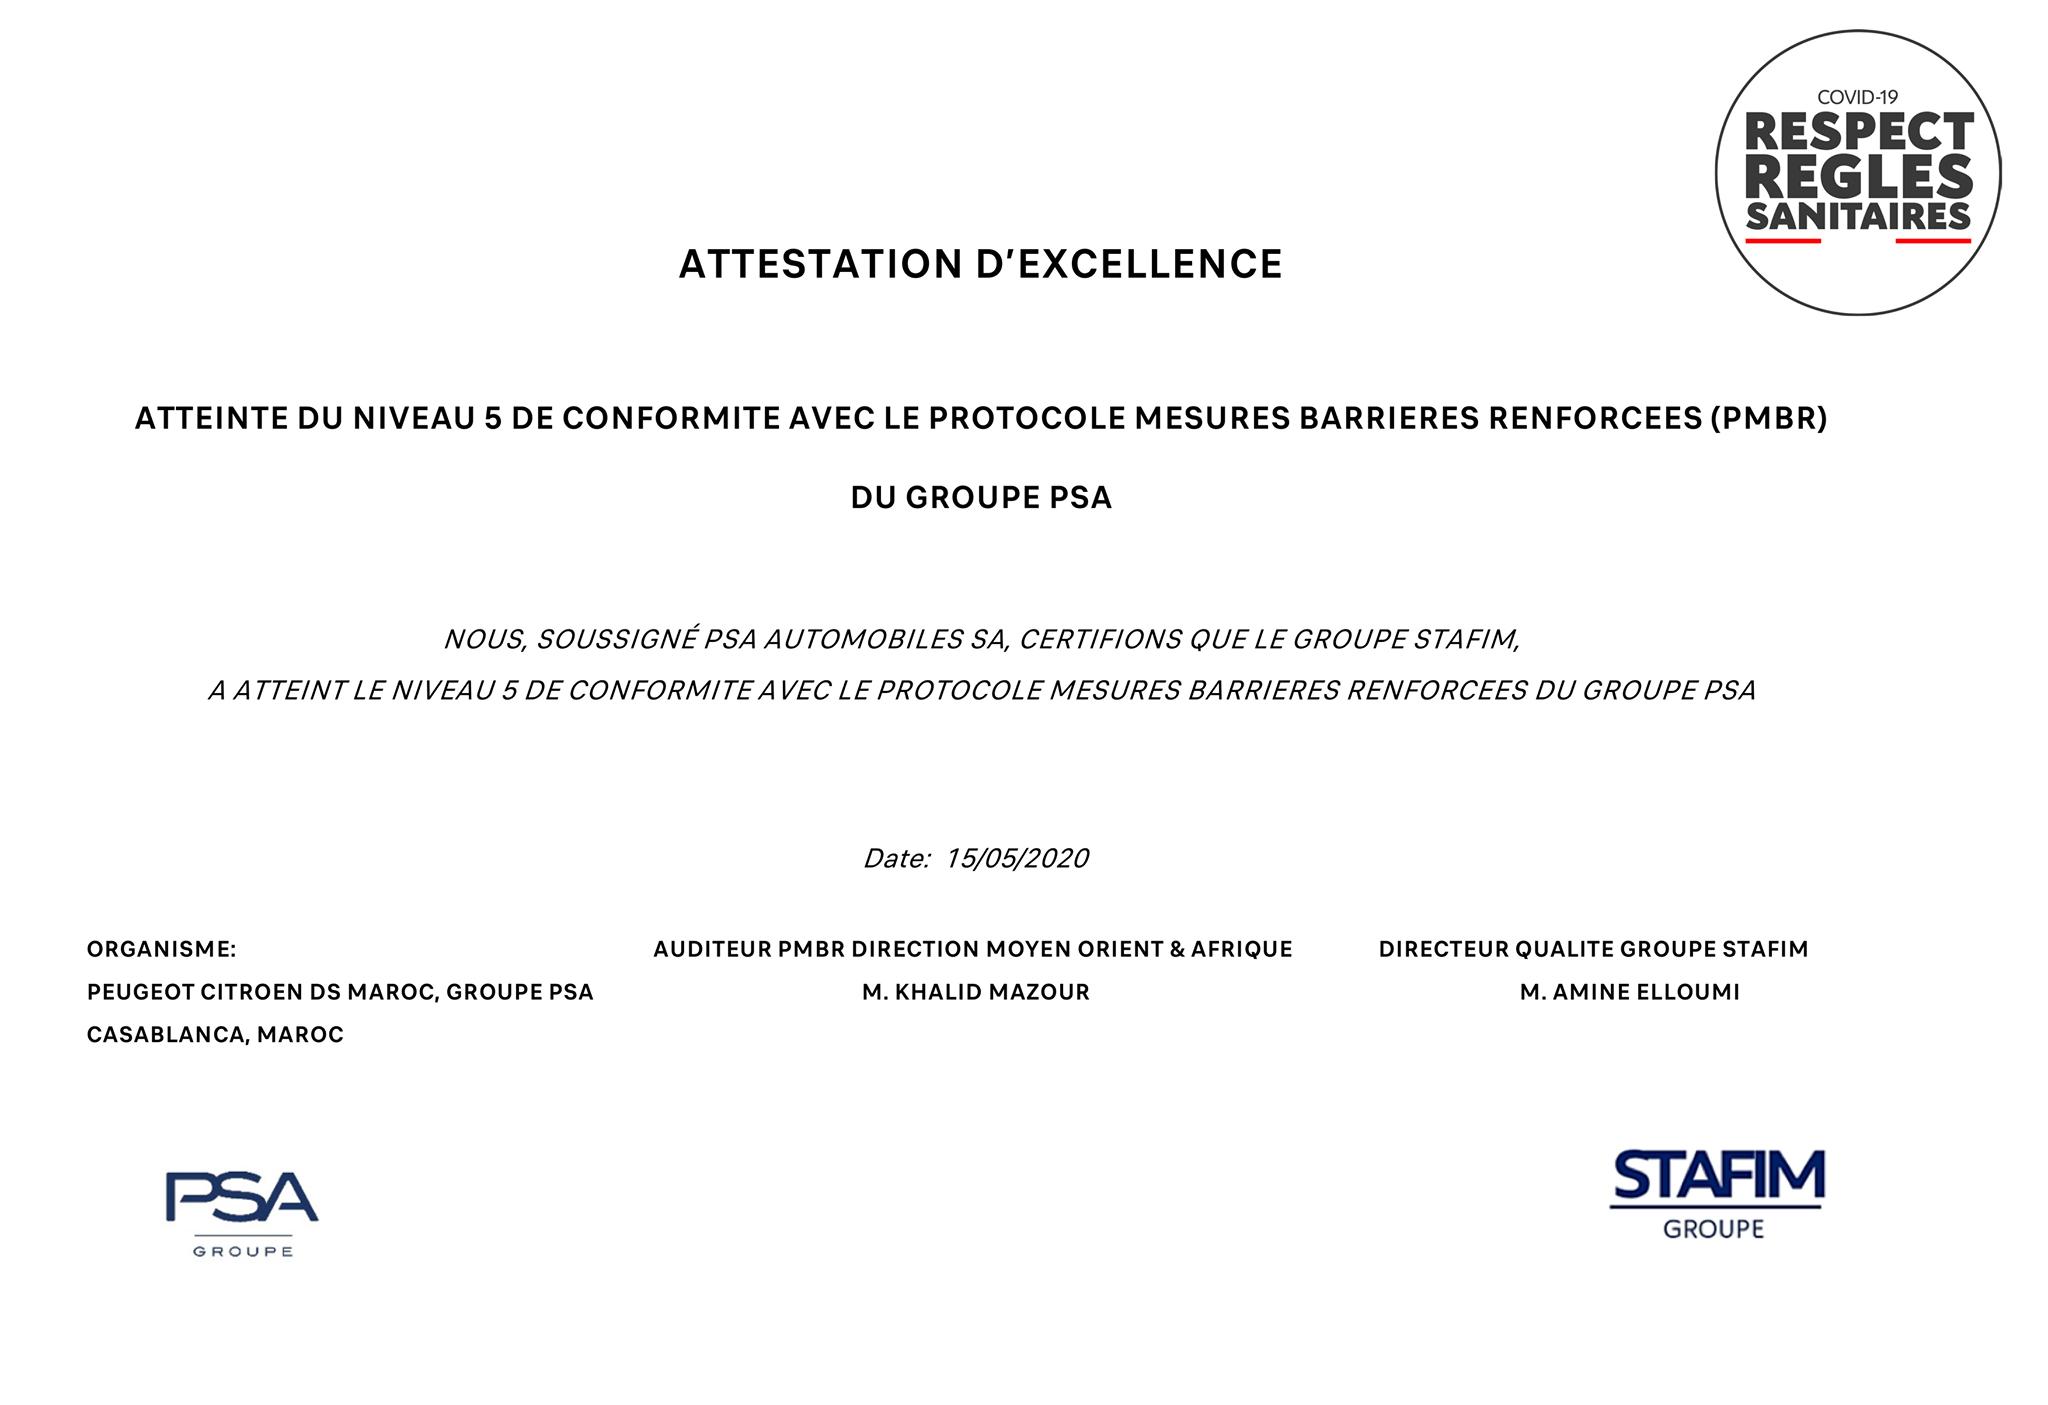 STAFIM Peugeot obtient l'attestation d'excellence pour le respect des règles sanitaires covid-19